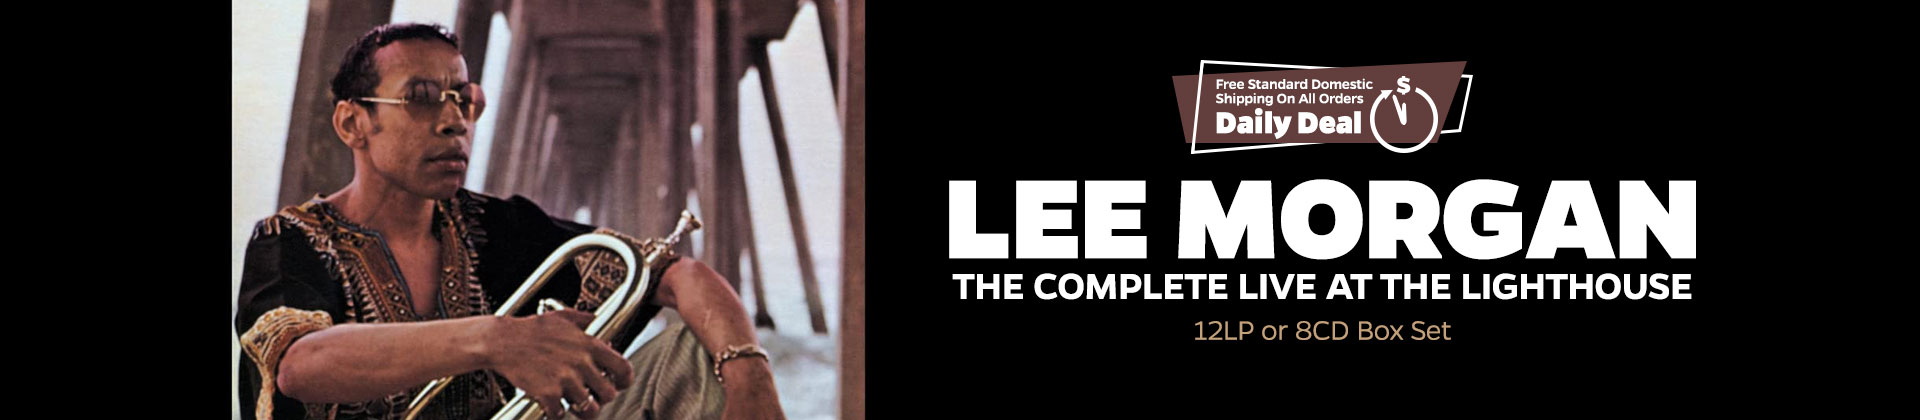 Lee Morgan